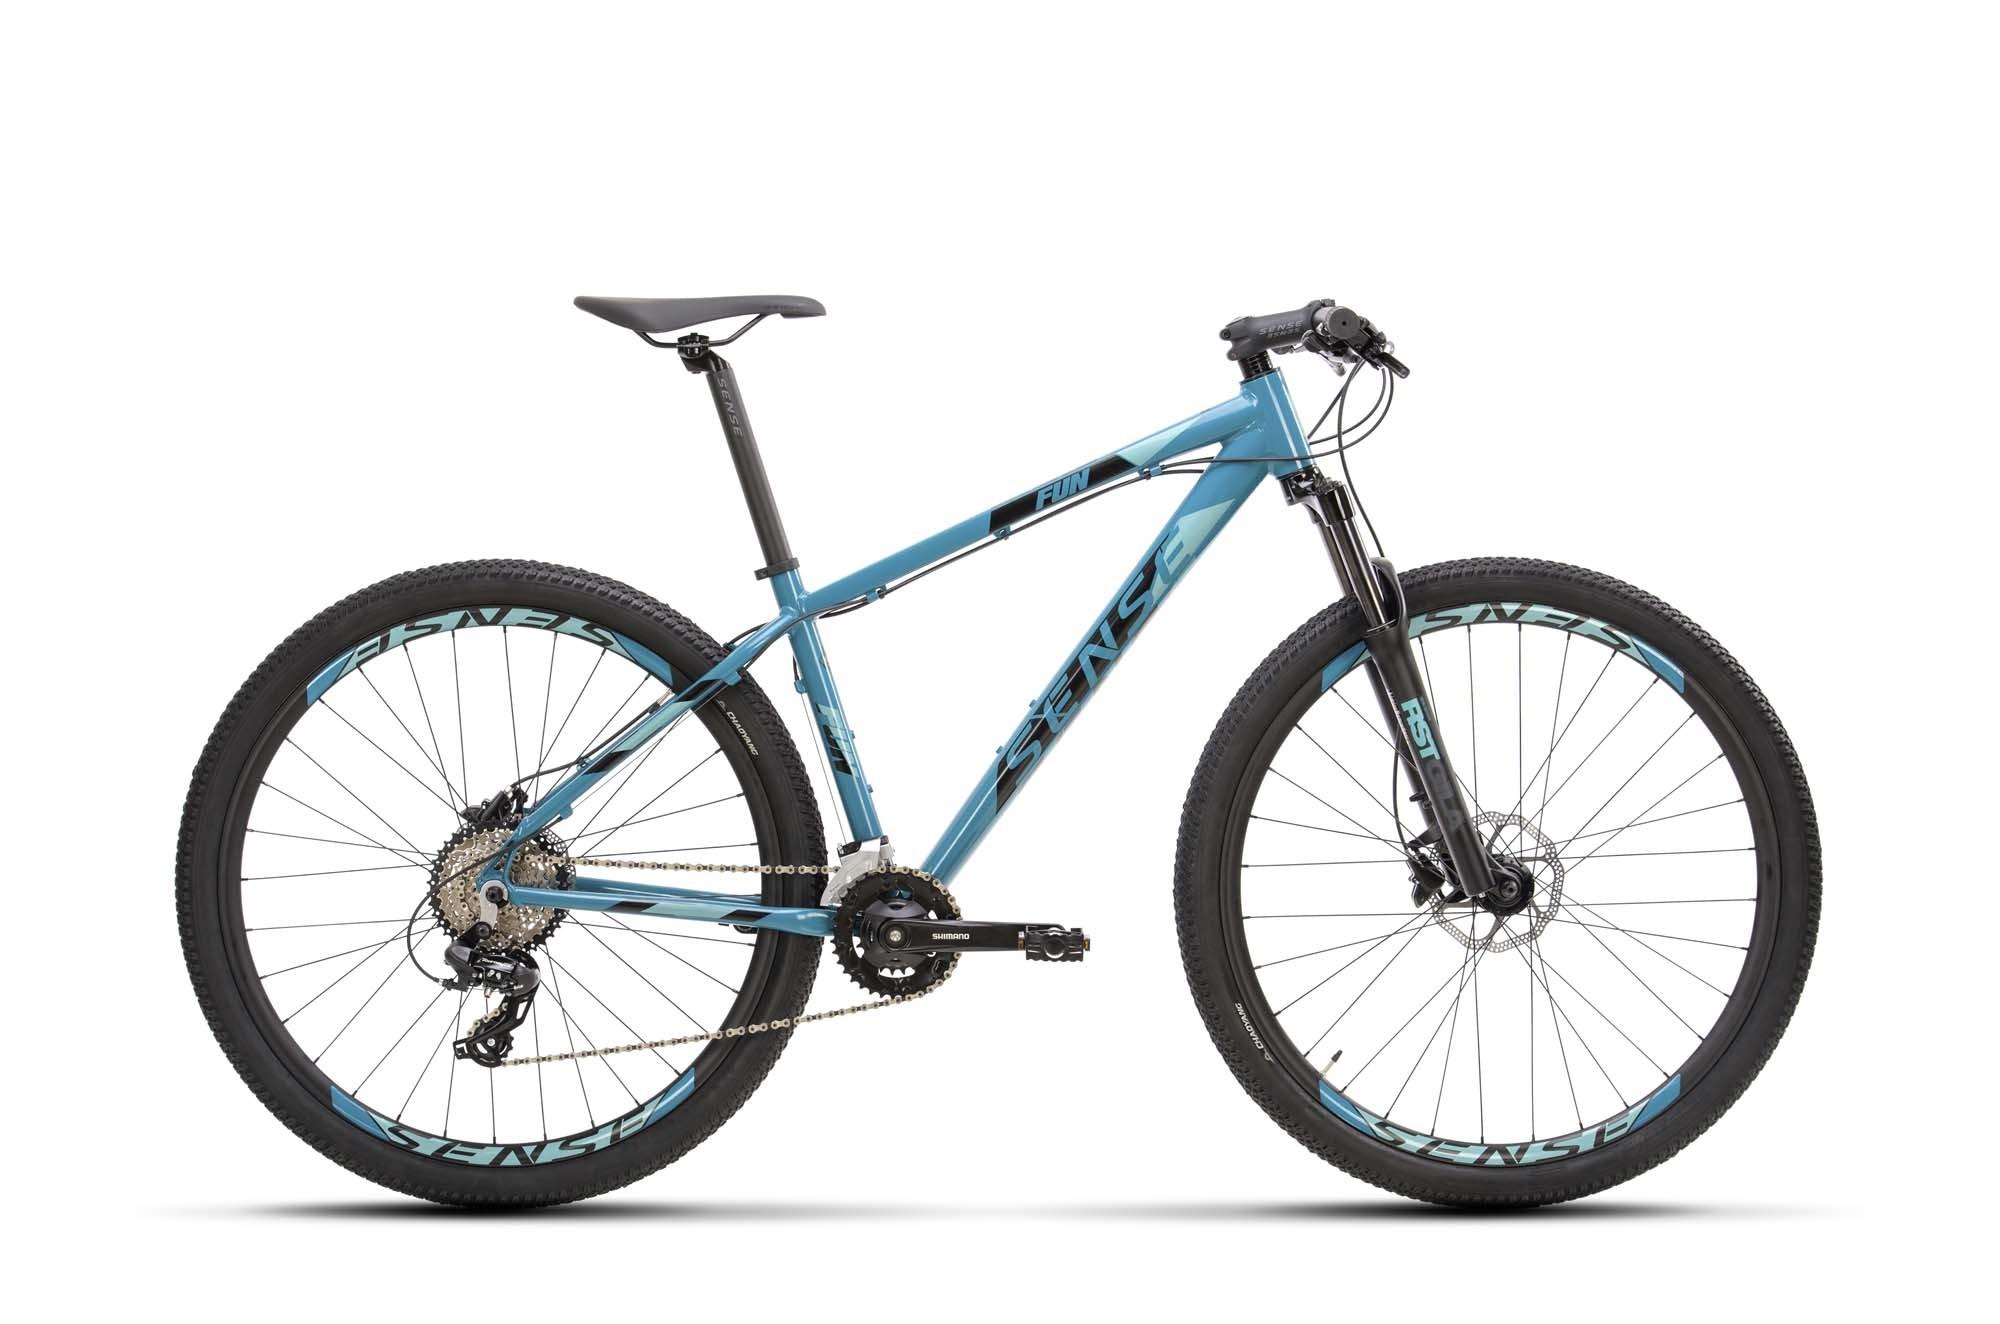 Bicicleta SENSE Fun Comp 2021 - 16v Shimano Altus / Tourney - Freio Shimano Hidráulico - Suspensão RST Gila - Aqua/Preto